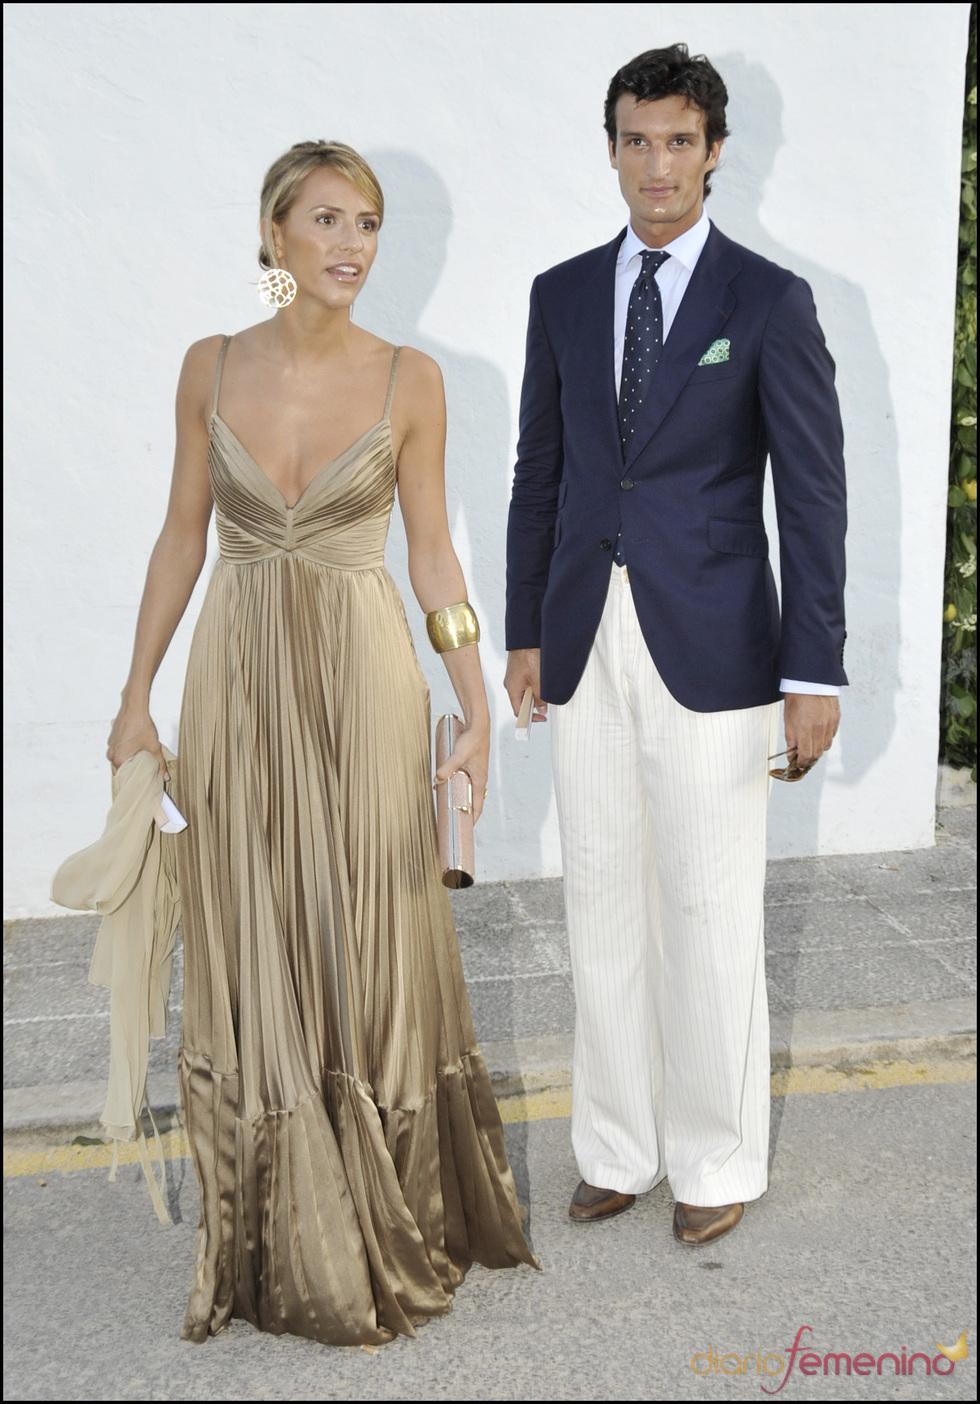 Rafael Medina y Laura Vecino se van de boda